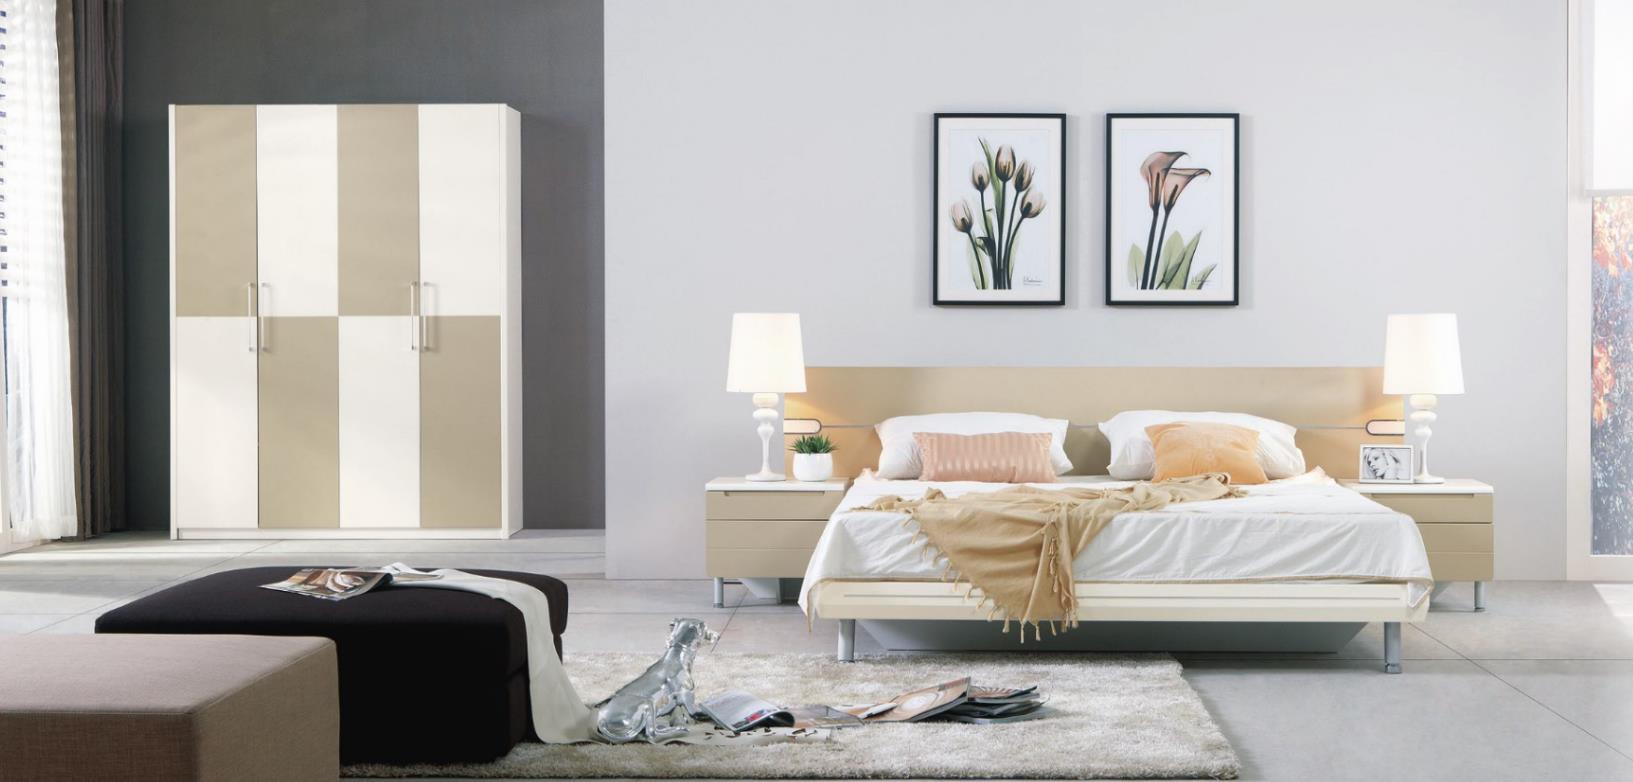 朗萨家居——美好生活设计家之梦空间